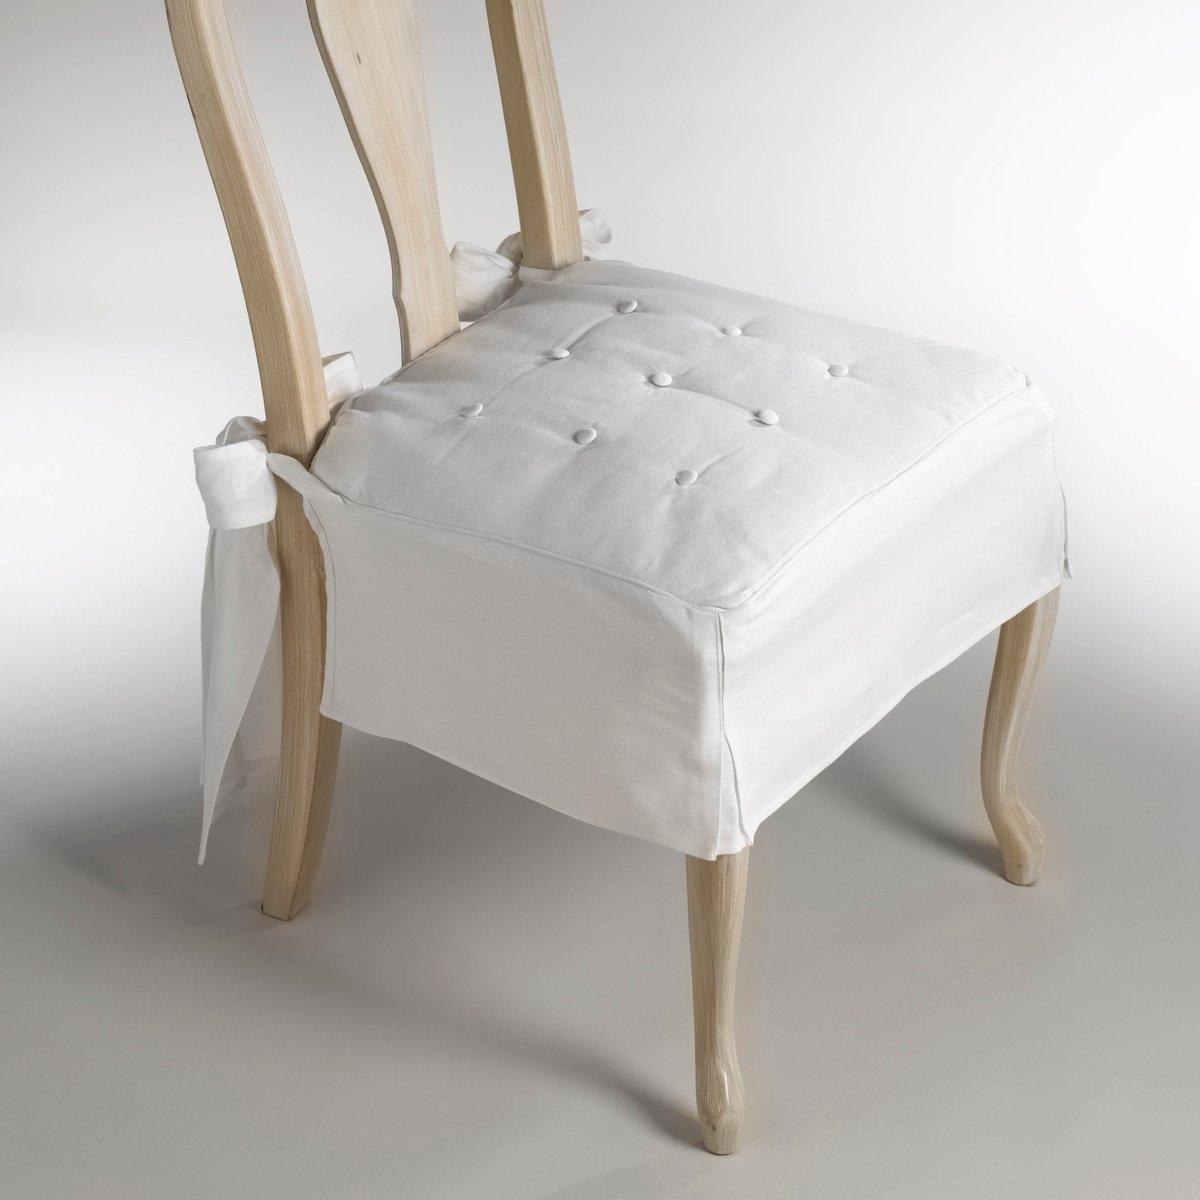 Подушка на стул из льна и хлопка, JimiХарактеристики подушки для стула:- Набивной чехол (с пуговицами, обтянутыми тканью) для невероятного комфорта. - Широкие двойные фиксаторы со скошенными гранями на завязках сзади. - Невероятно элегантная отделка подола складками (В. 18 см). - Наполнитель из полиэстера.- Отличная стойкость цветов на свету.- Легкий уход : Стирка при 40°, лёгкая утюжка.Размеры подушки:- Сидение: 43 x 43 см.- Высота подола: 18 см.<br><br>Цвет: антрацит,белый,серо-бежевый,серо-коричневый каштан,серый,экрю<br>Размер: единый размер.единый размер.единый размер